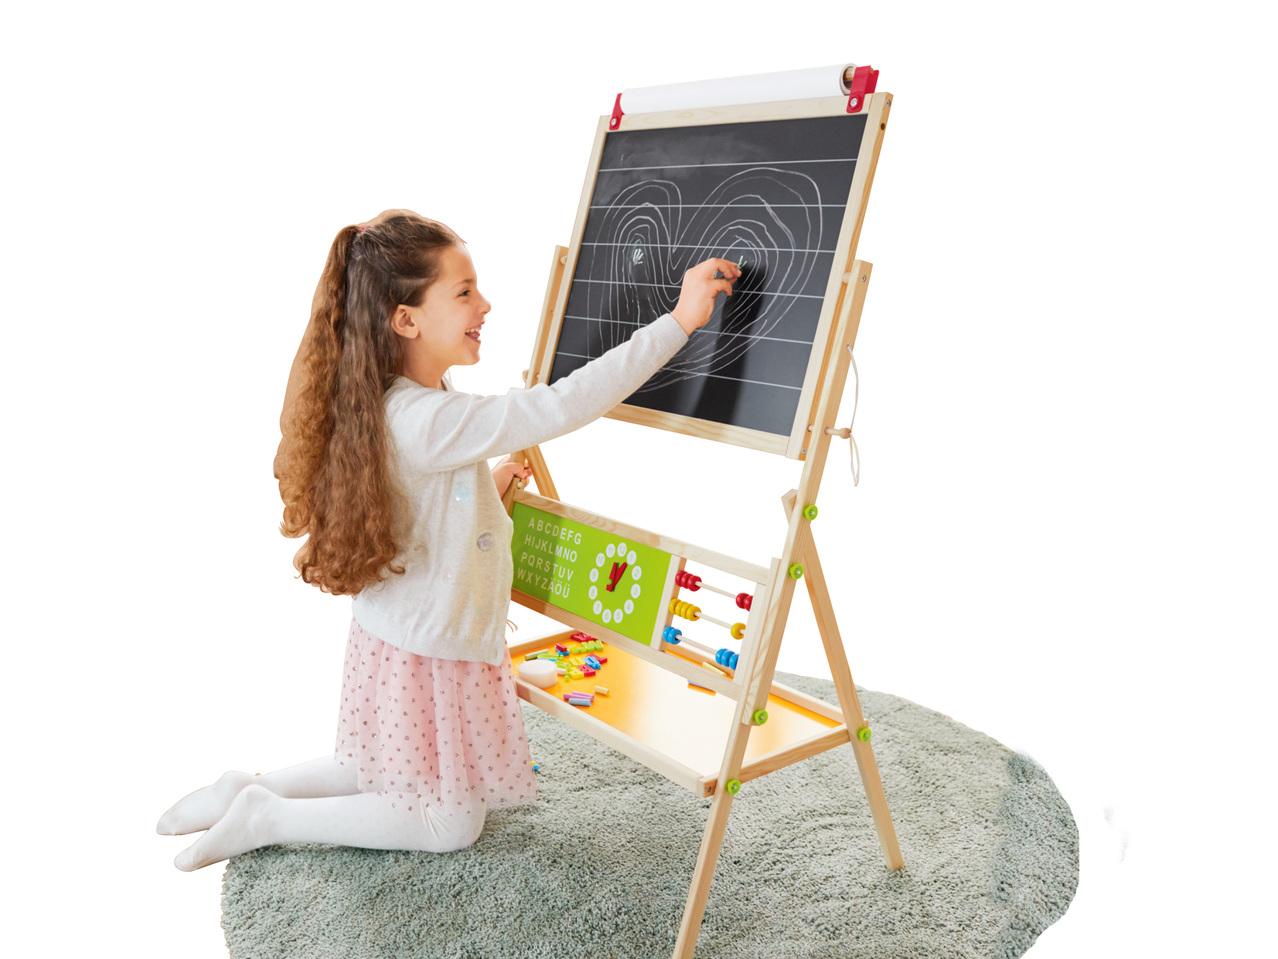 houten leerbord 2499 - Geweldig (budget!) houten speelgoed tips voor Sinterklaas